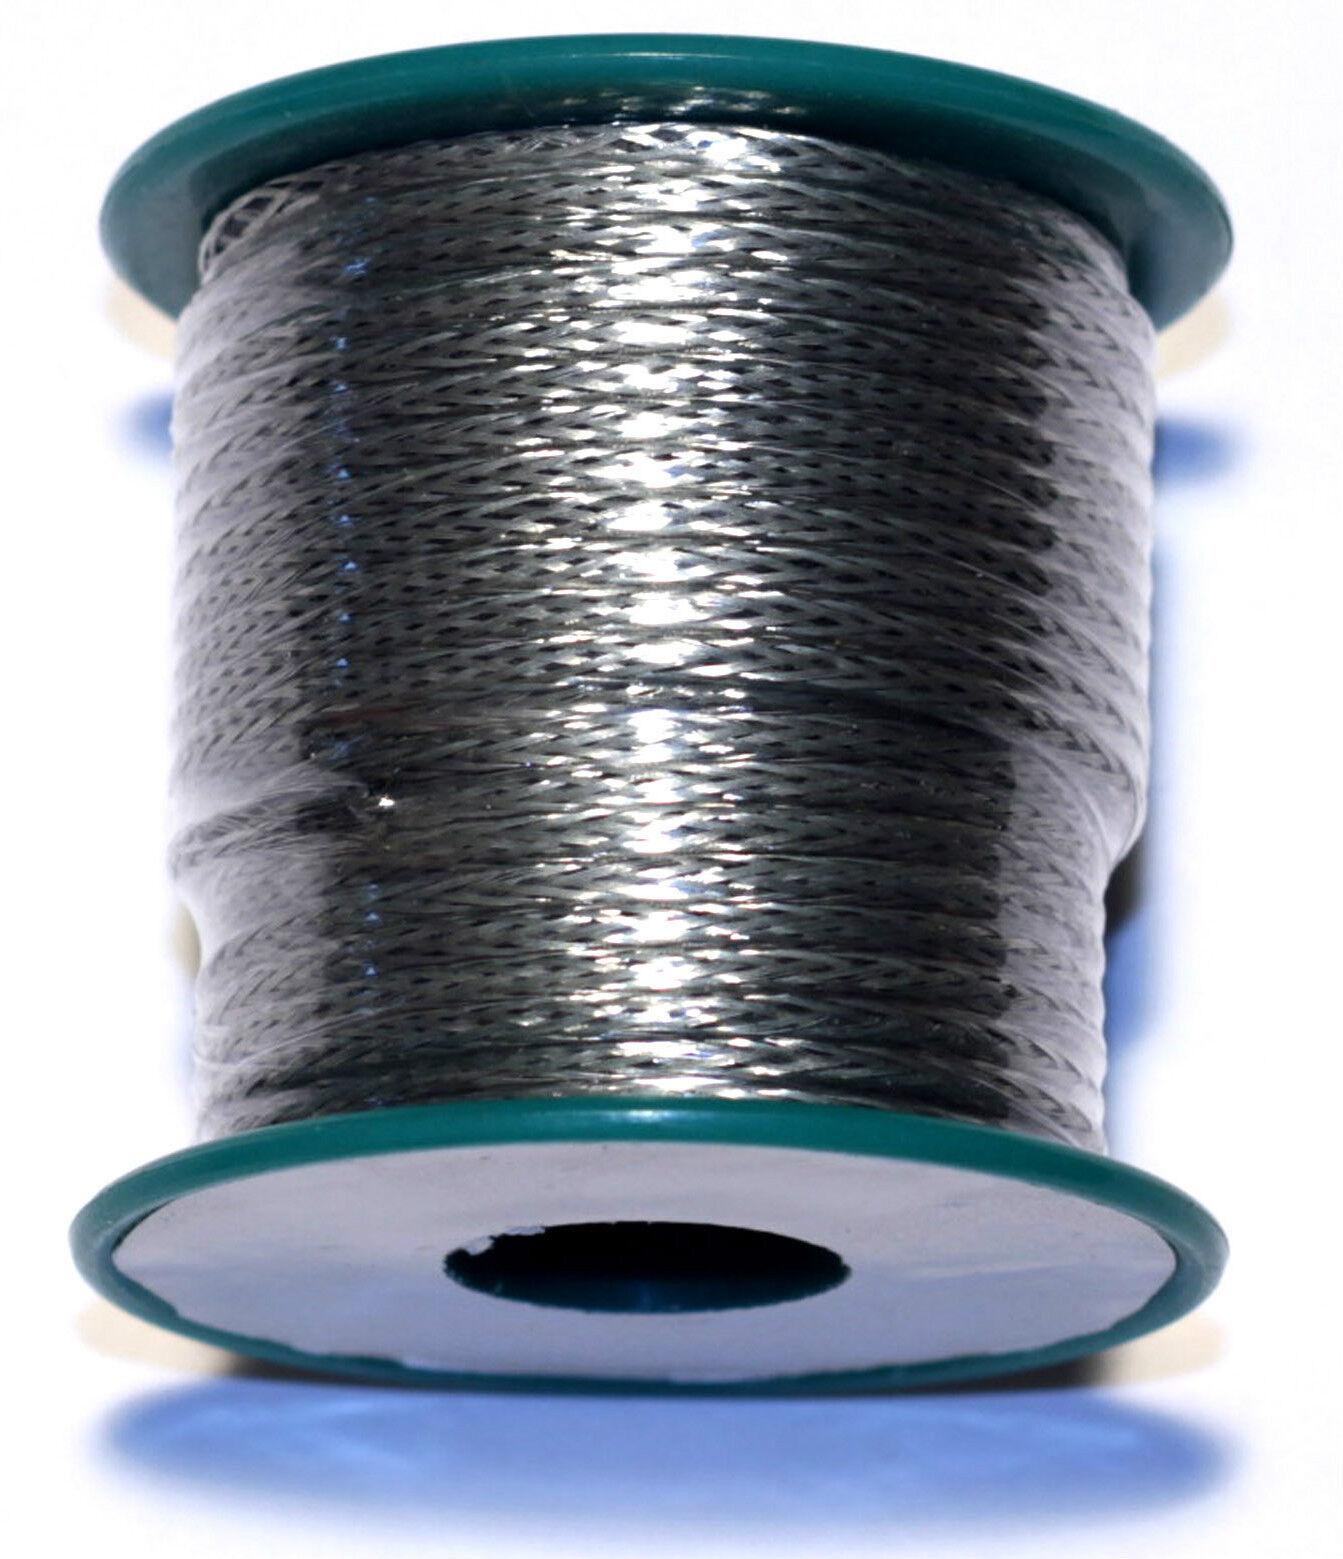 göldo Kabel für Pickups /& Innen-Verdrahtung 1 Meter wiring cable